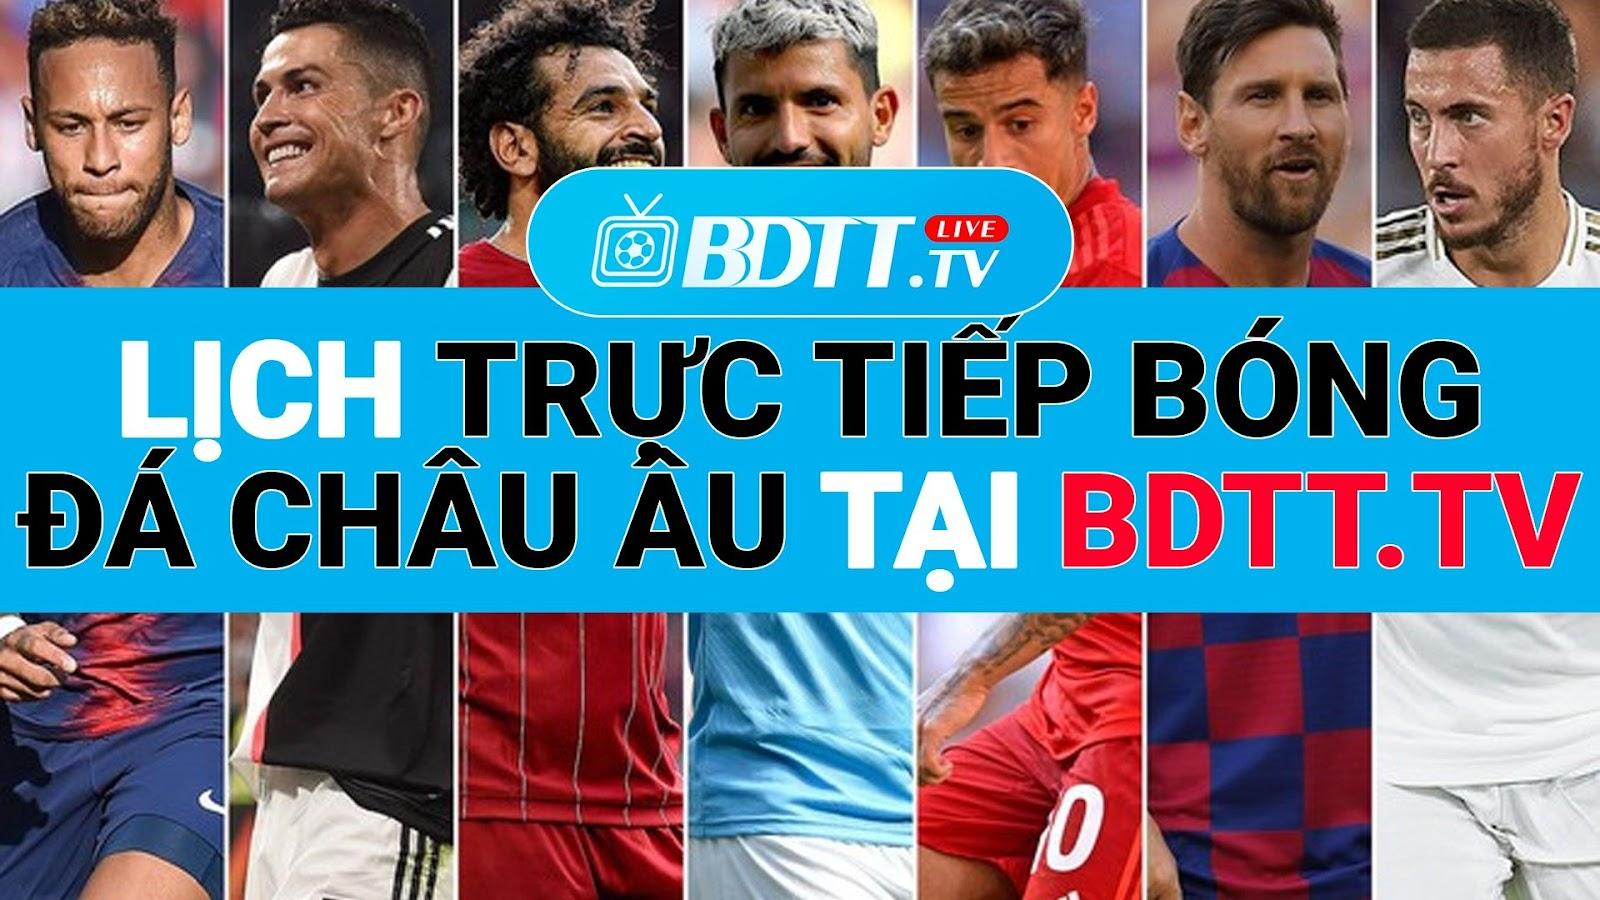 BDTT.tv - Xem trực tiếp bóng đá Euro miễn phí, là kênh giúp bạn có thể xem trực tiếp bóng đá chất lượng cao, mượt mà, không lo quảng cáo. BDTT.tv hỗ trợ cho bạn xem trực tiếp bóng đá trên hầu hết các thiết bị thông minh, mọi lúc mọi nơi, khi bạn có thời rảnh là có thể xem bóng đá trực tuyến tại kênh của BDTT.tv.